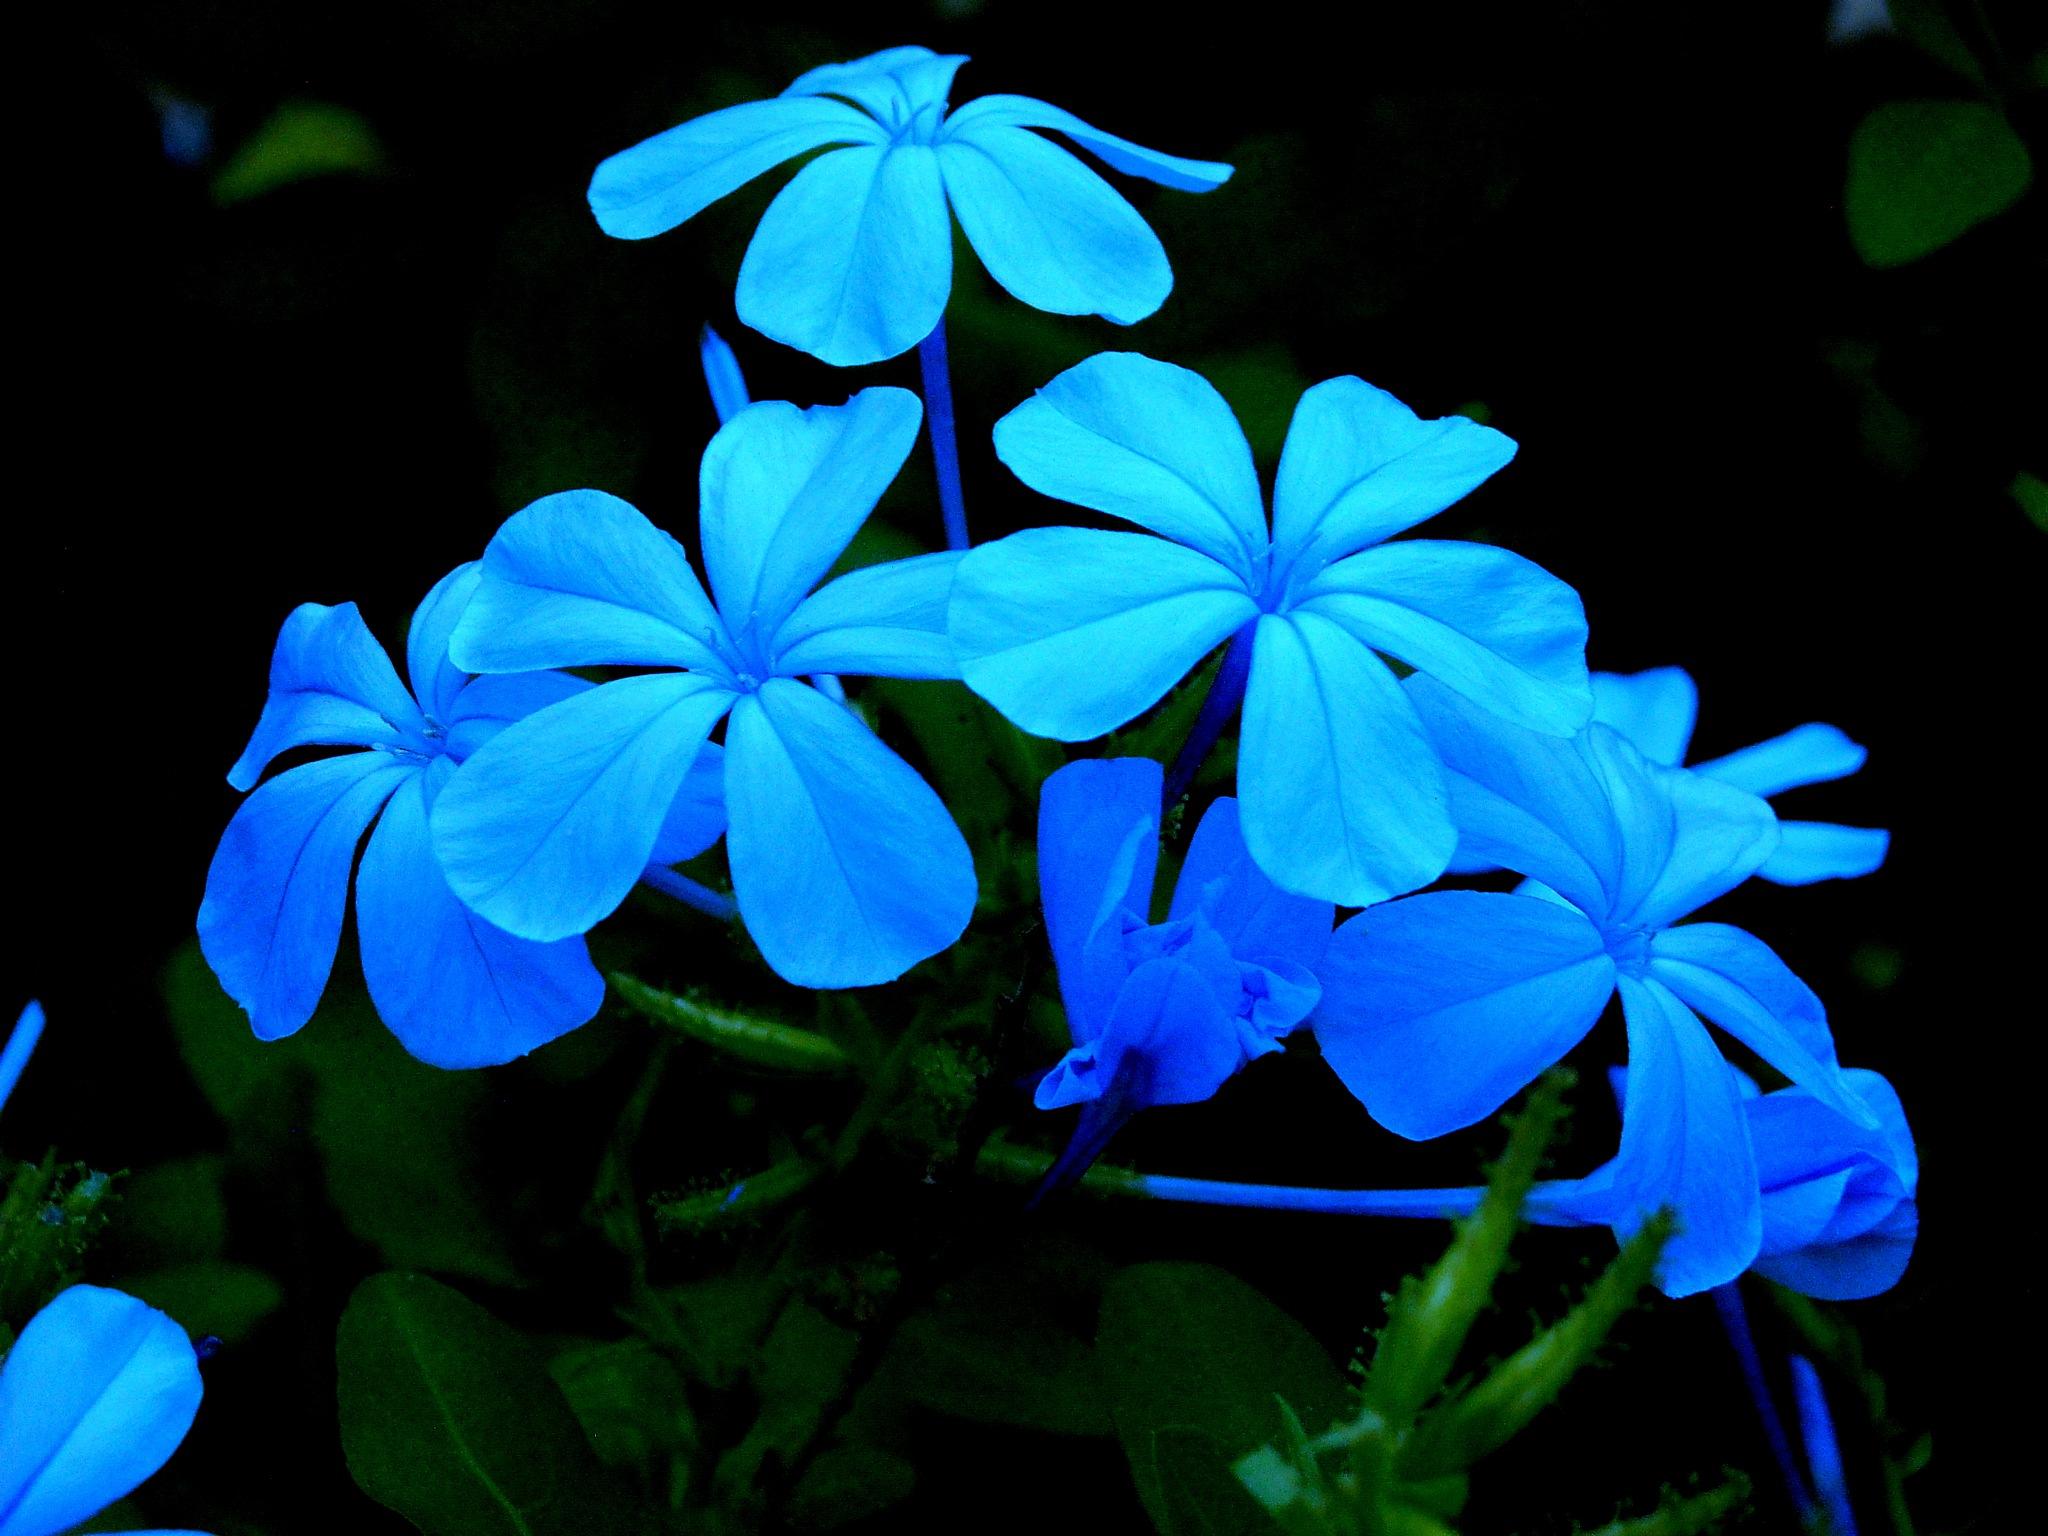 BLUE JASMINES by Akin Saner